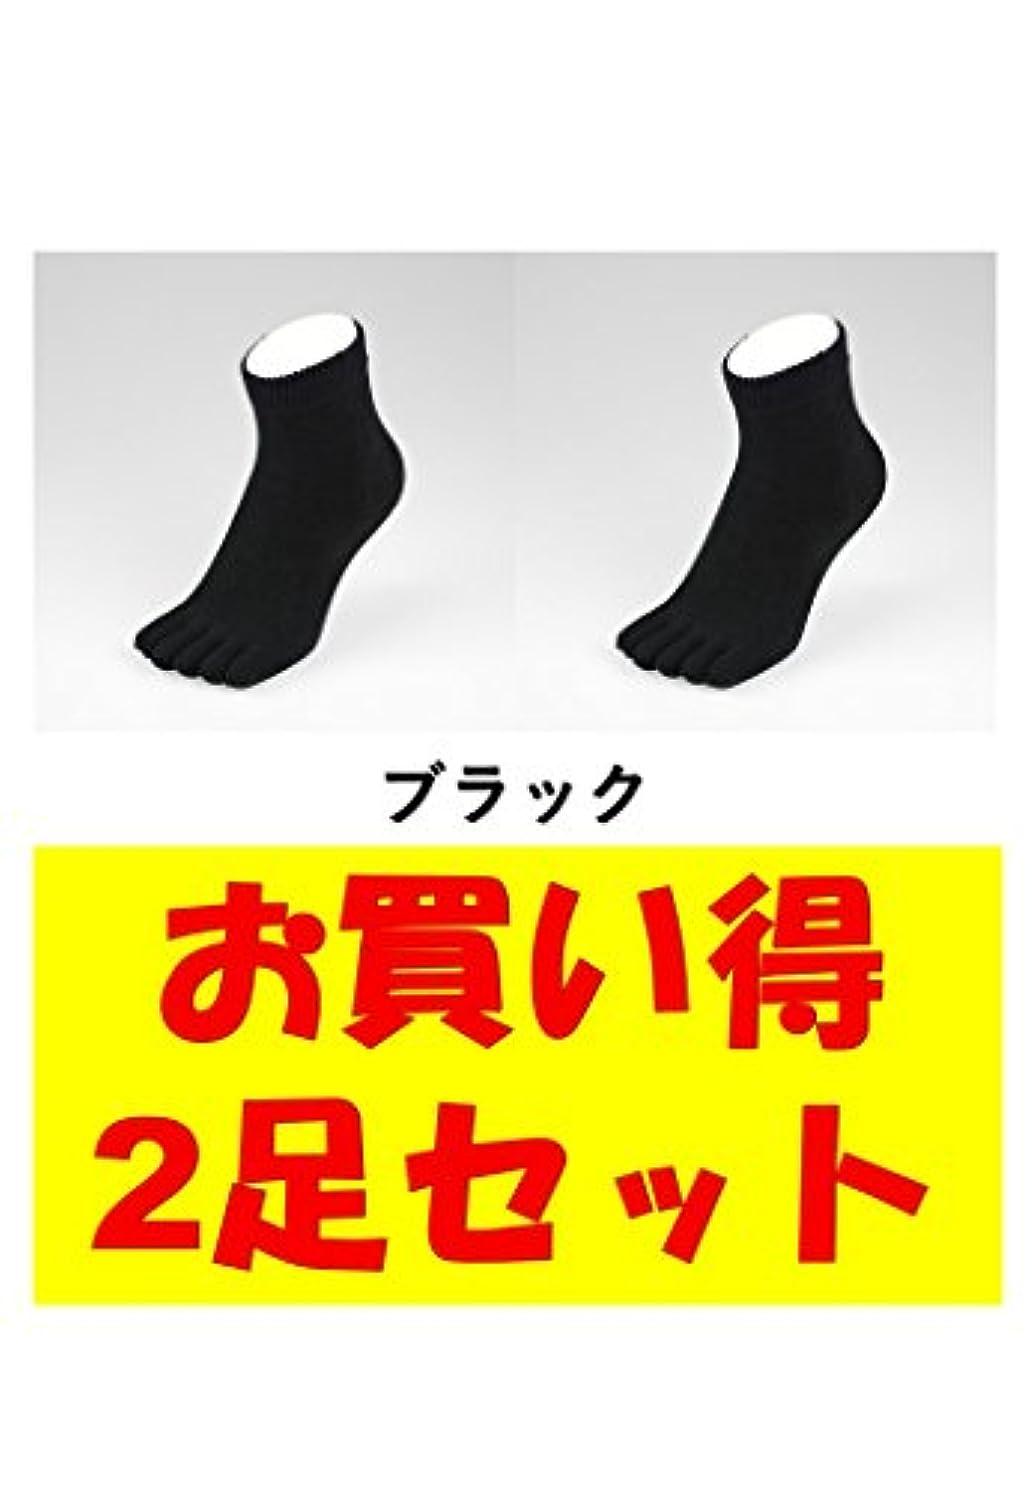 なに世界的に追い払うお買い得2足セット 5本指 ゆびのばソックス Neo EVE(イヴ) ブラック iサイズ(23.5cm - 25.5cm) YSNEVE-BLK